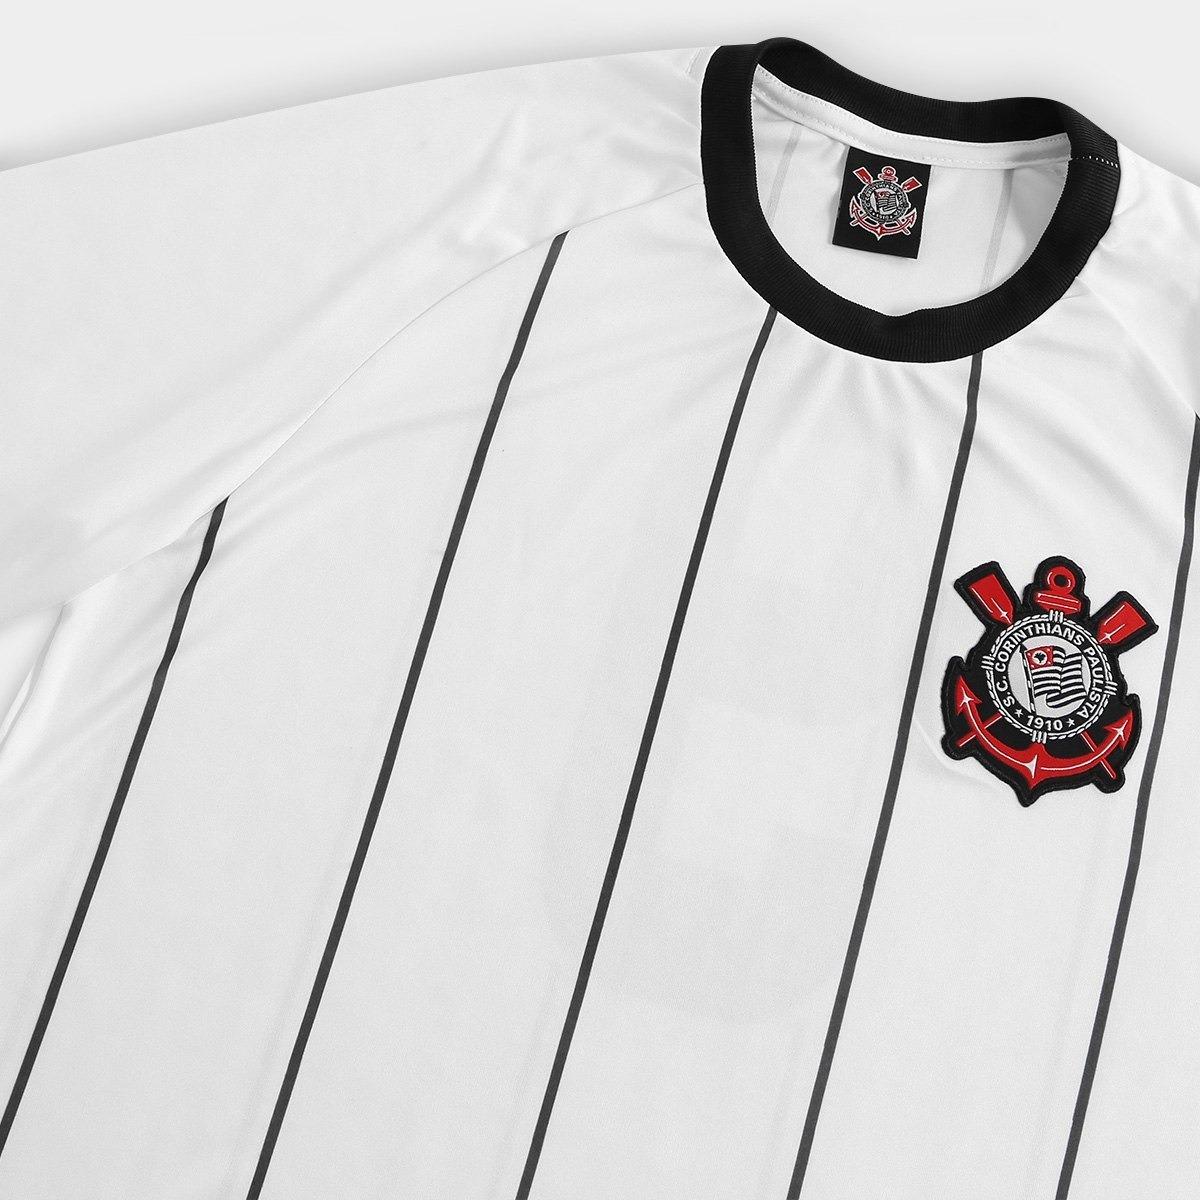 1b09f09cdd camisa corinthians fenomenal - edição limitada torcedor c pa. Carregando  zoom.